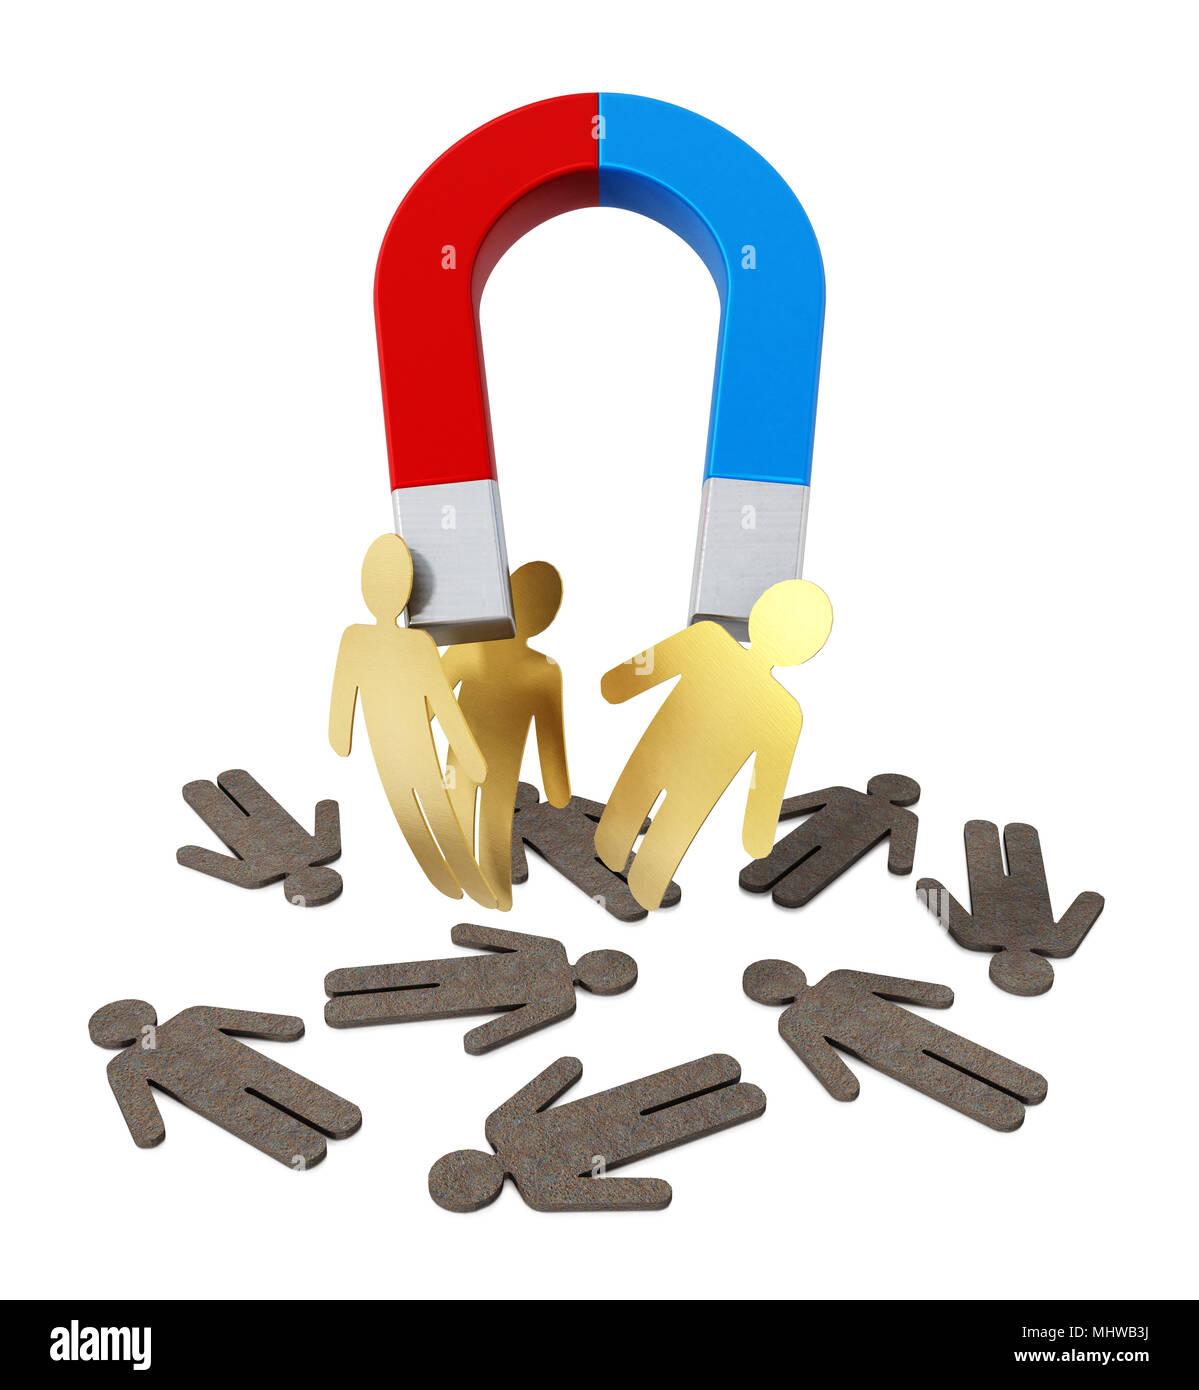 Il magnete a ferro di cavallo tirando golden figure. 3D'illustrazione. Immagini Stock